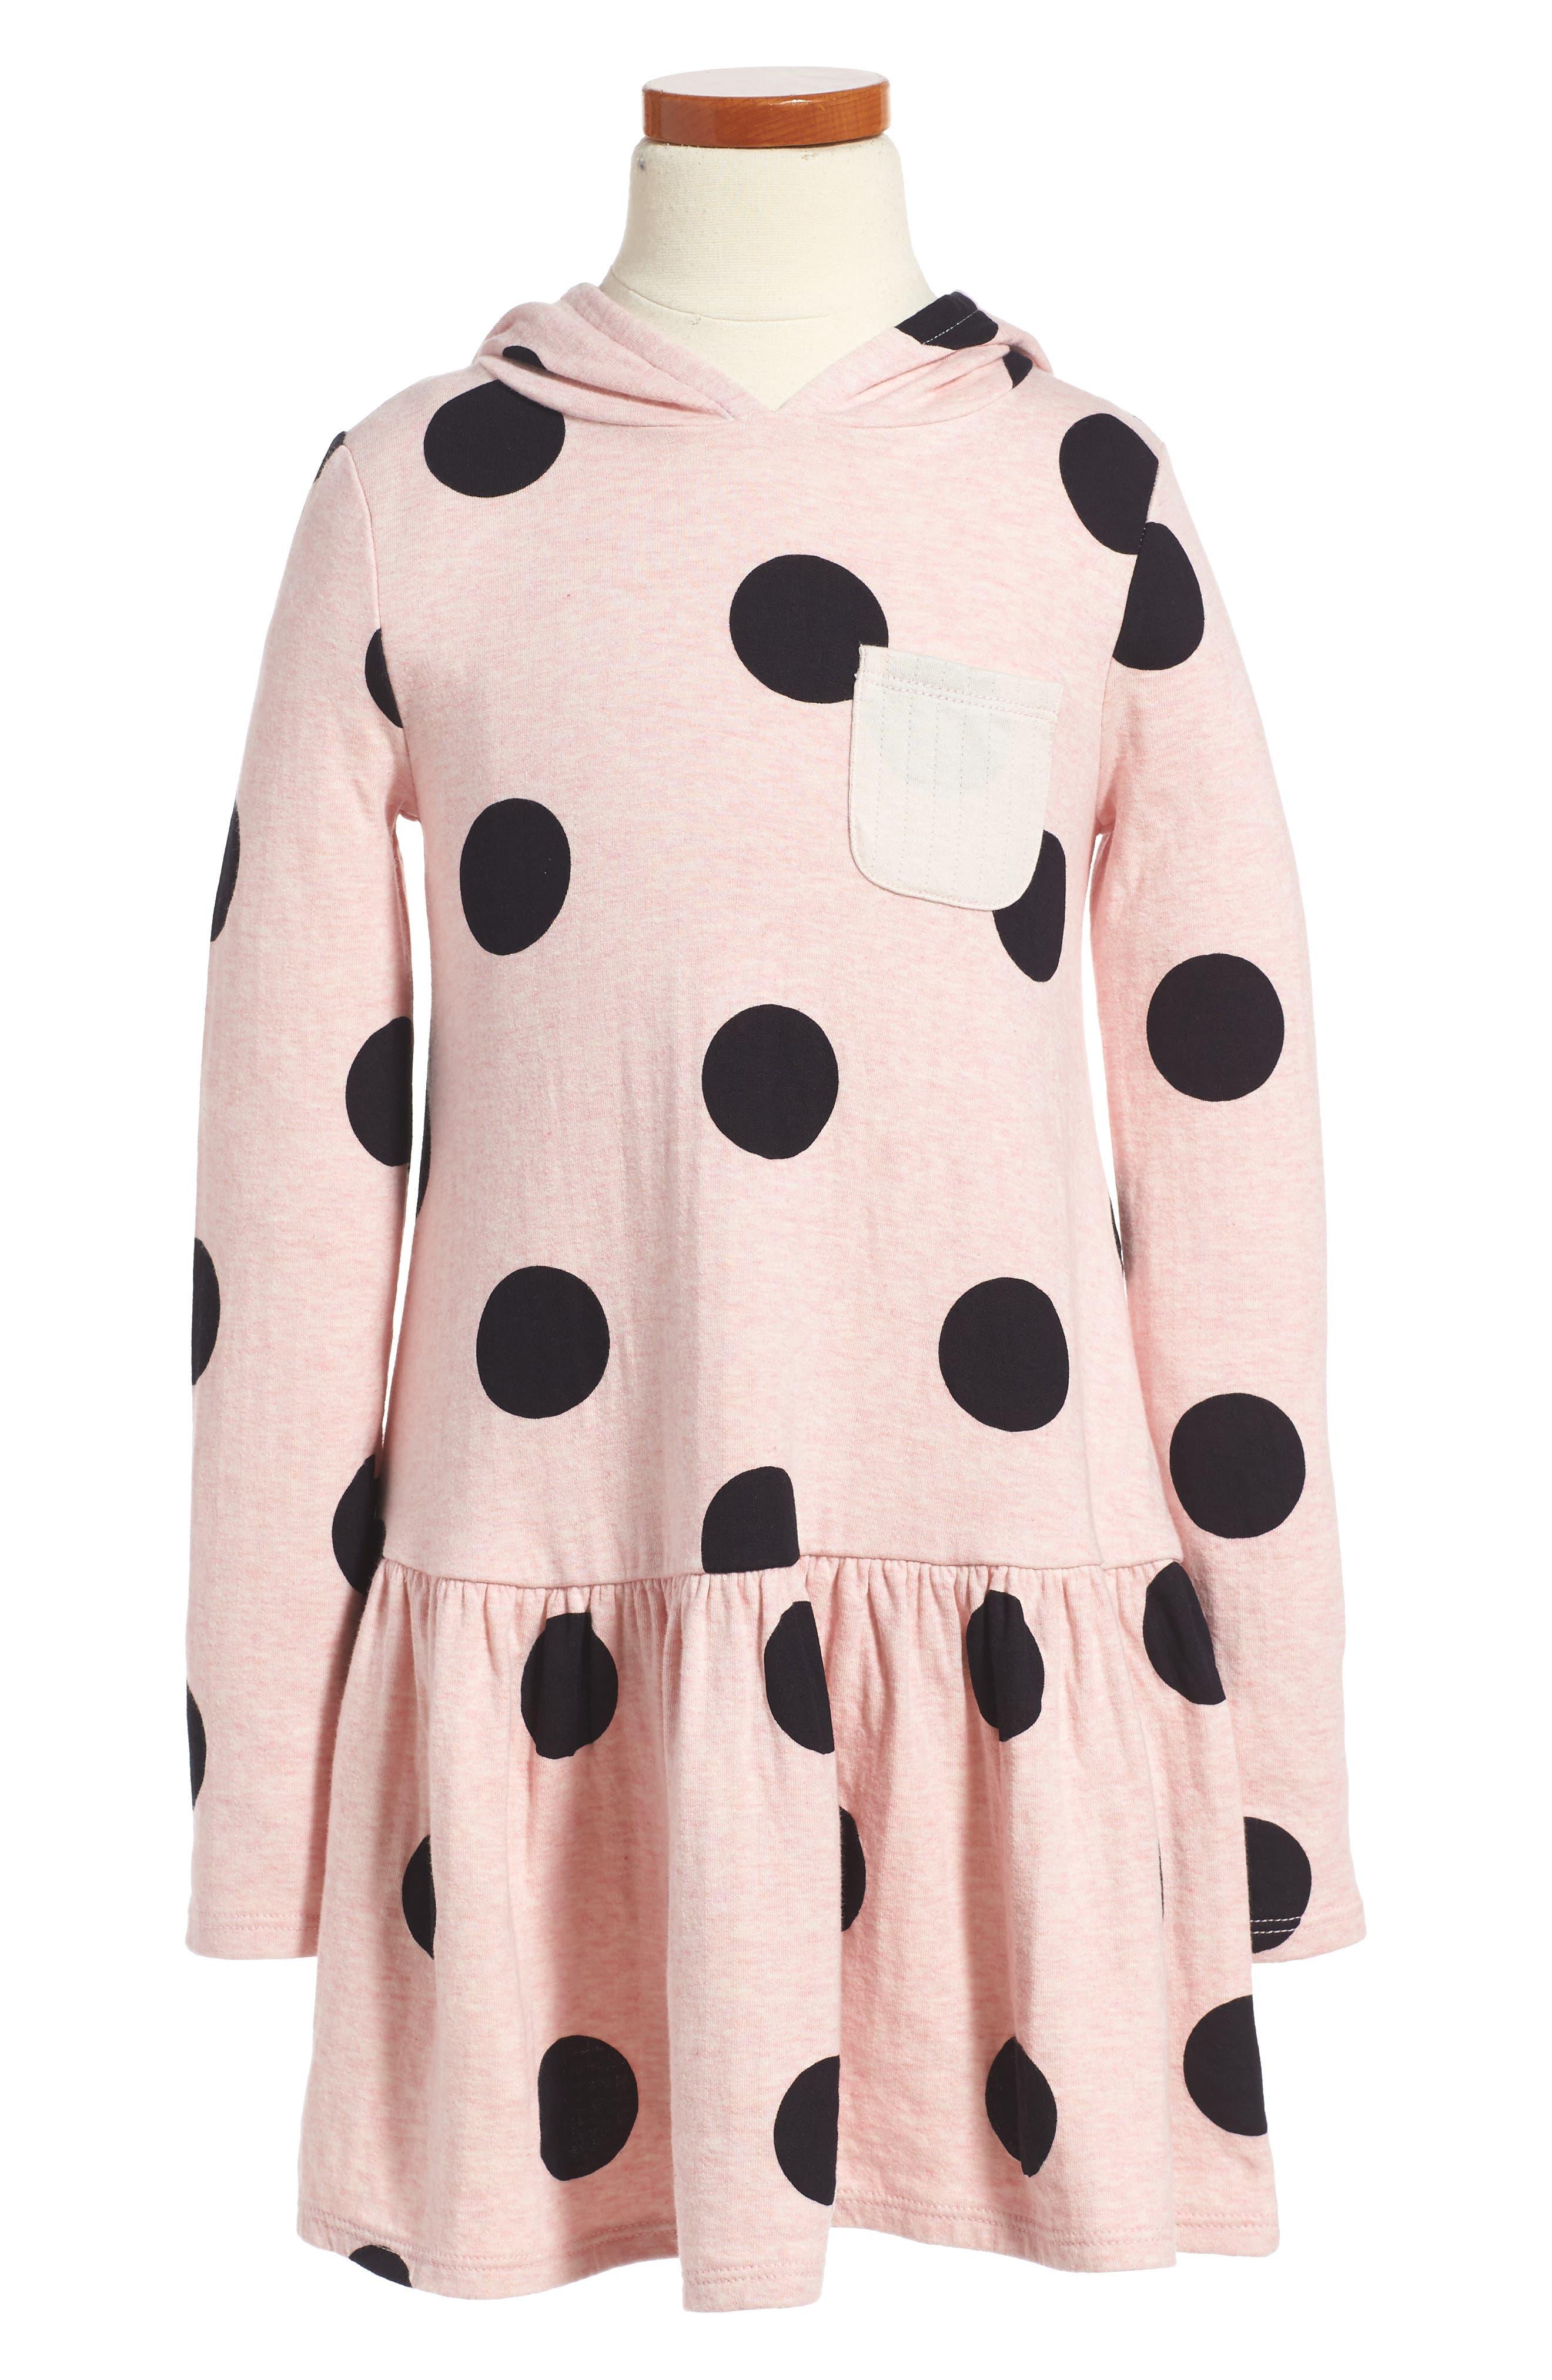 Main Image - Tucker + Tate Print Hoodie Knit Dress (Toddler Girls, Little Girls & Big Girls)